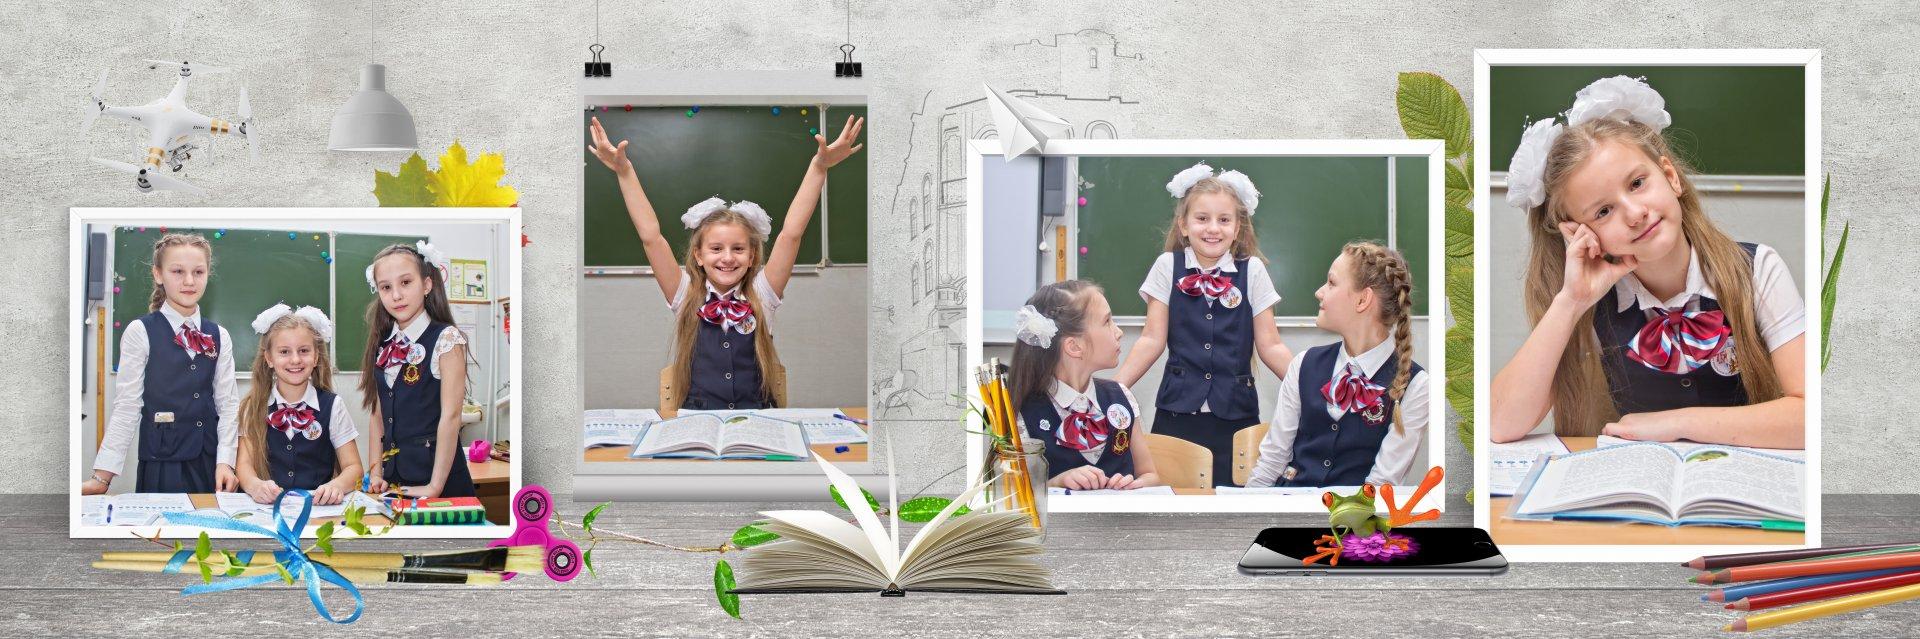 школьный альбом на 3 разворота и фотообложка